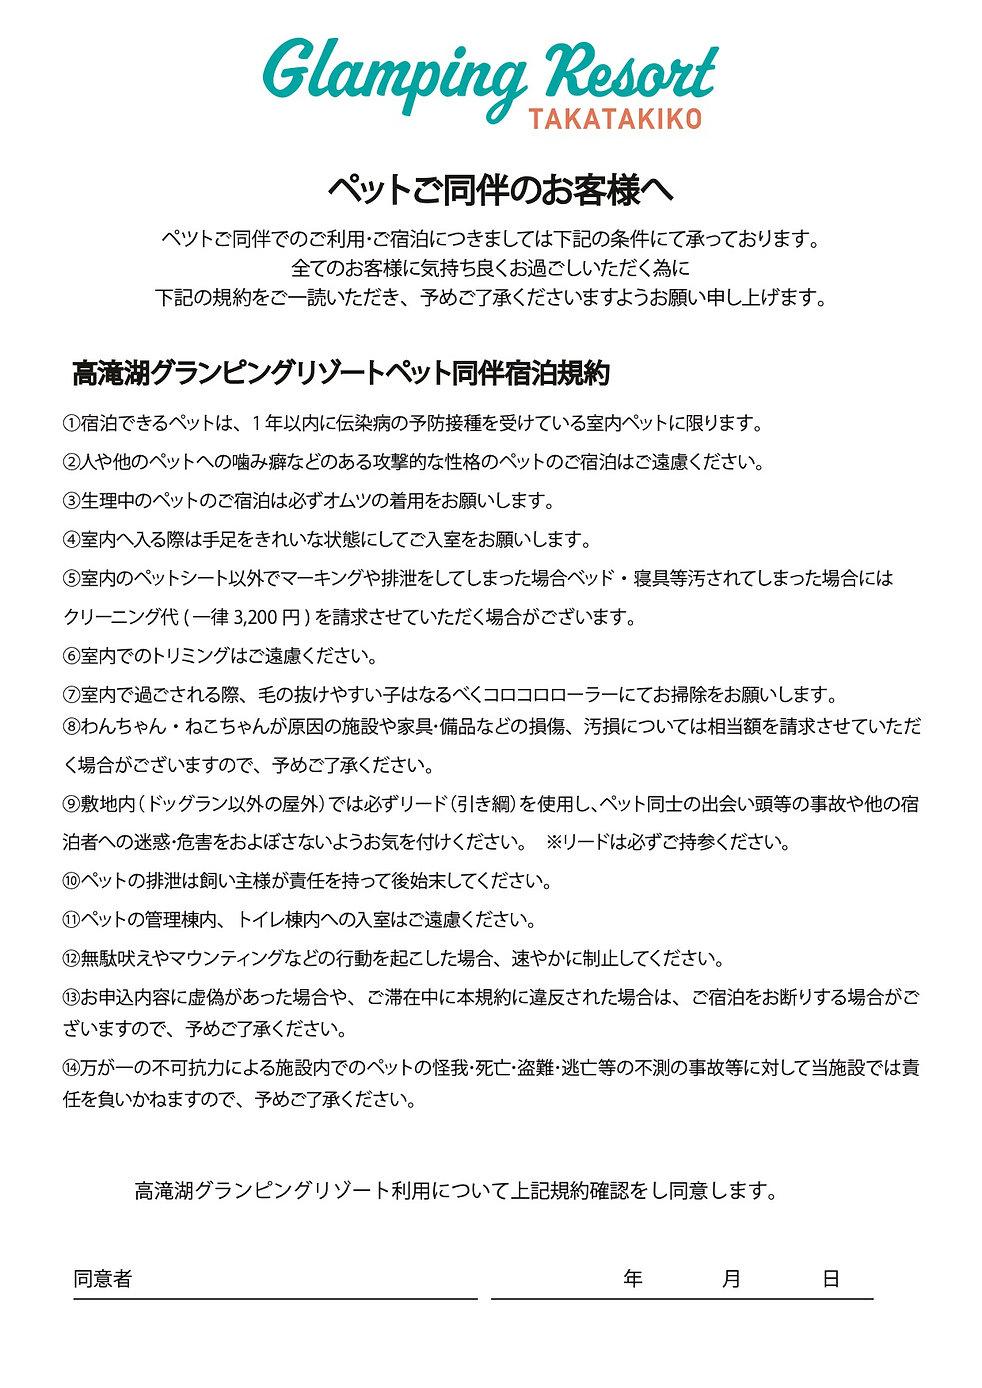 高滝ペット利用規約(サイン).jpg